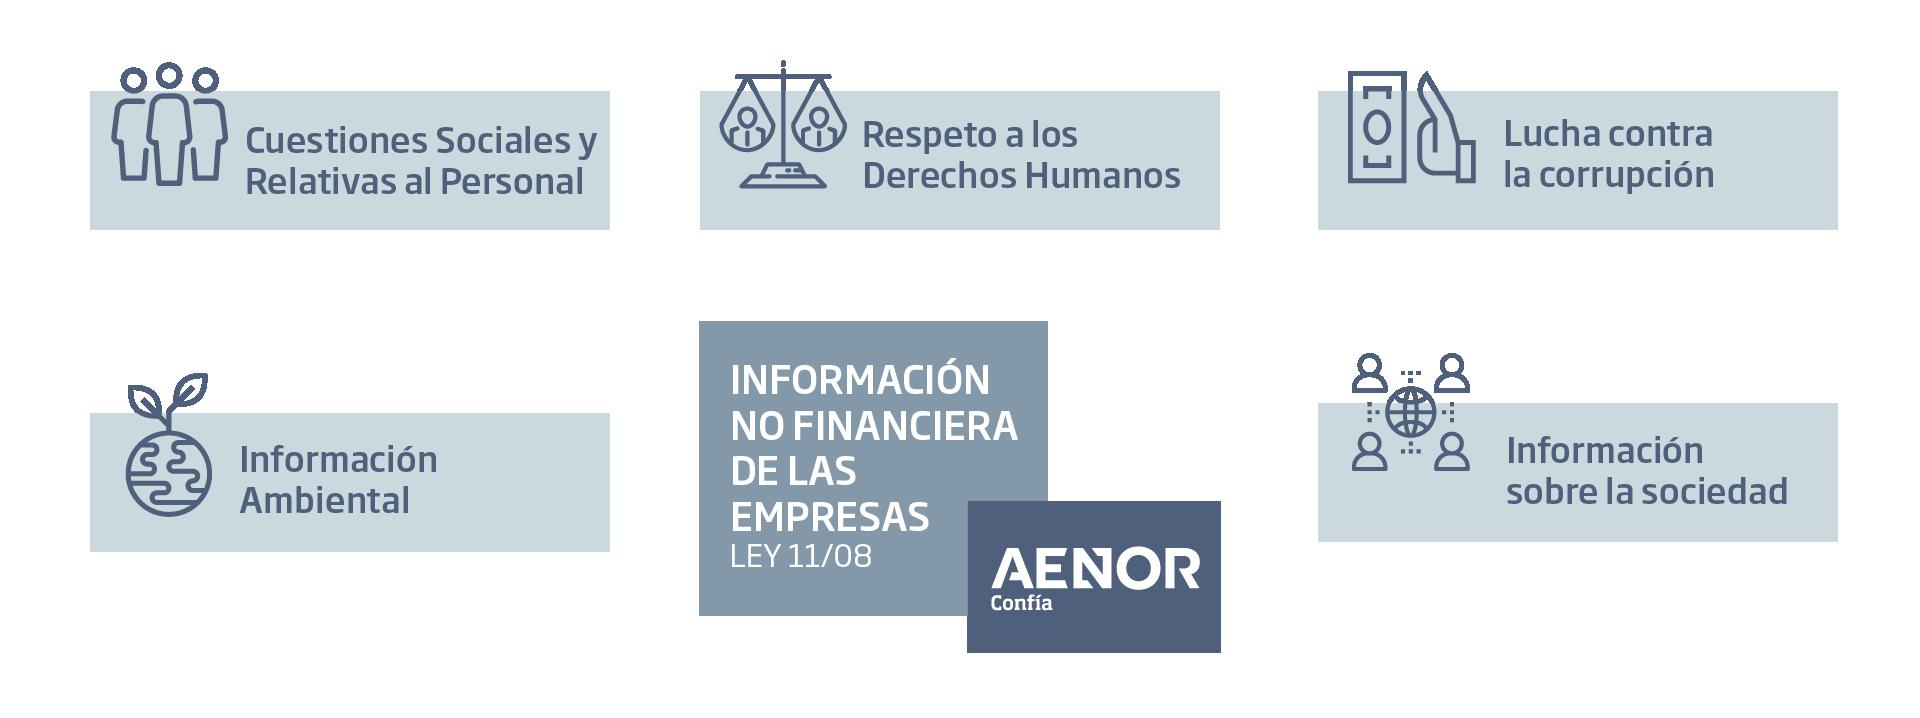 Infografía Información no Financiera de las empresas